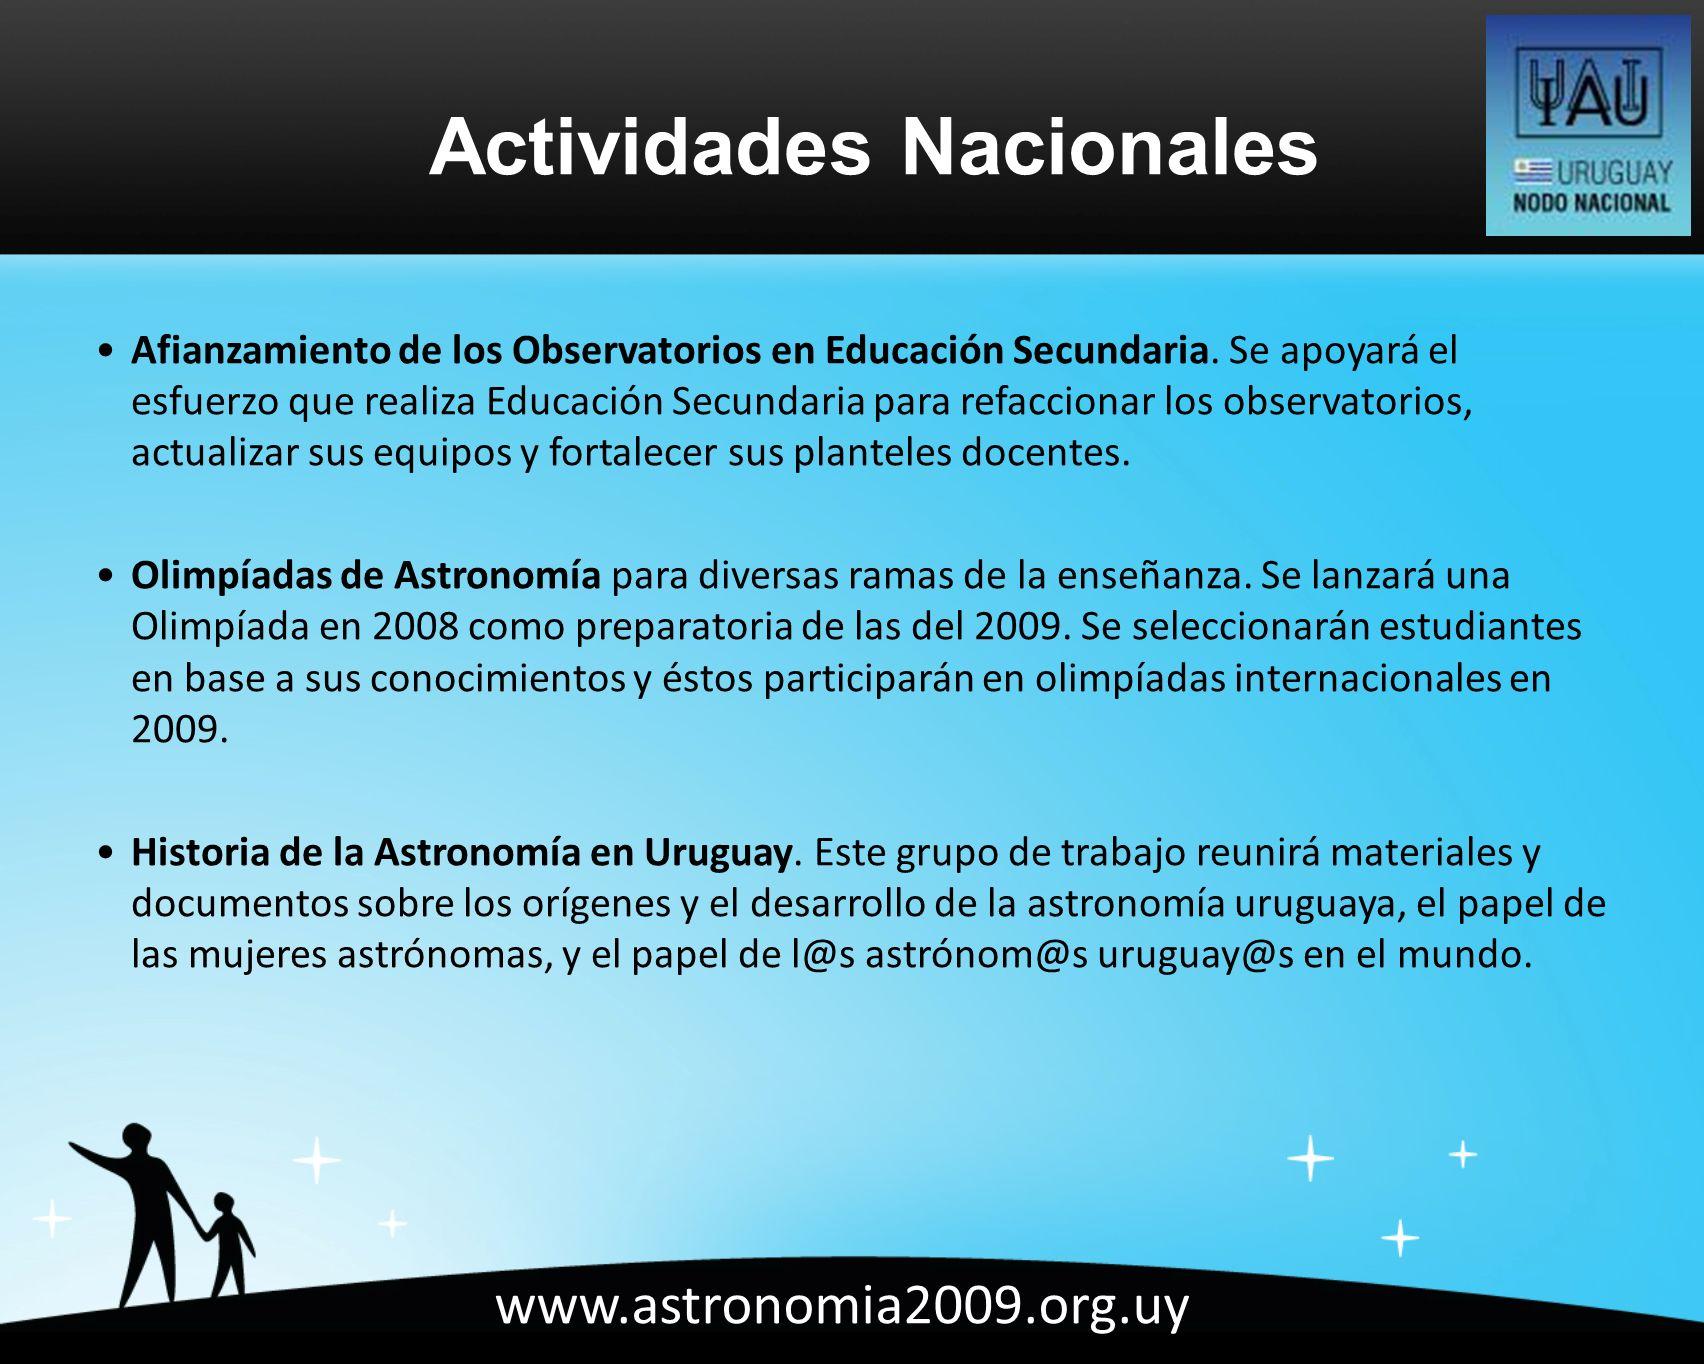 www.astronomia2009.org.uy Afianzamiento de los Observatorios en Educación Secundaria.